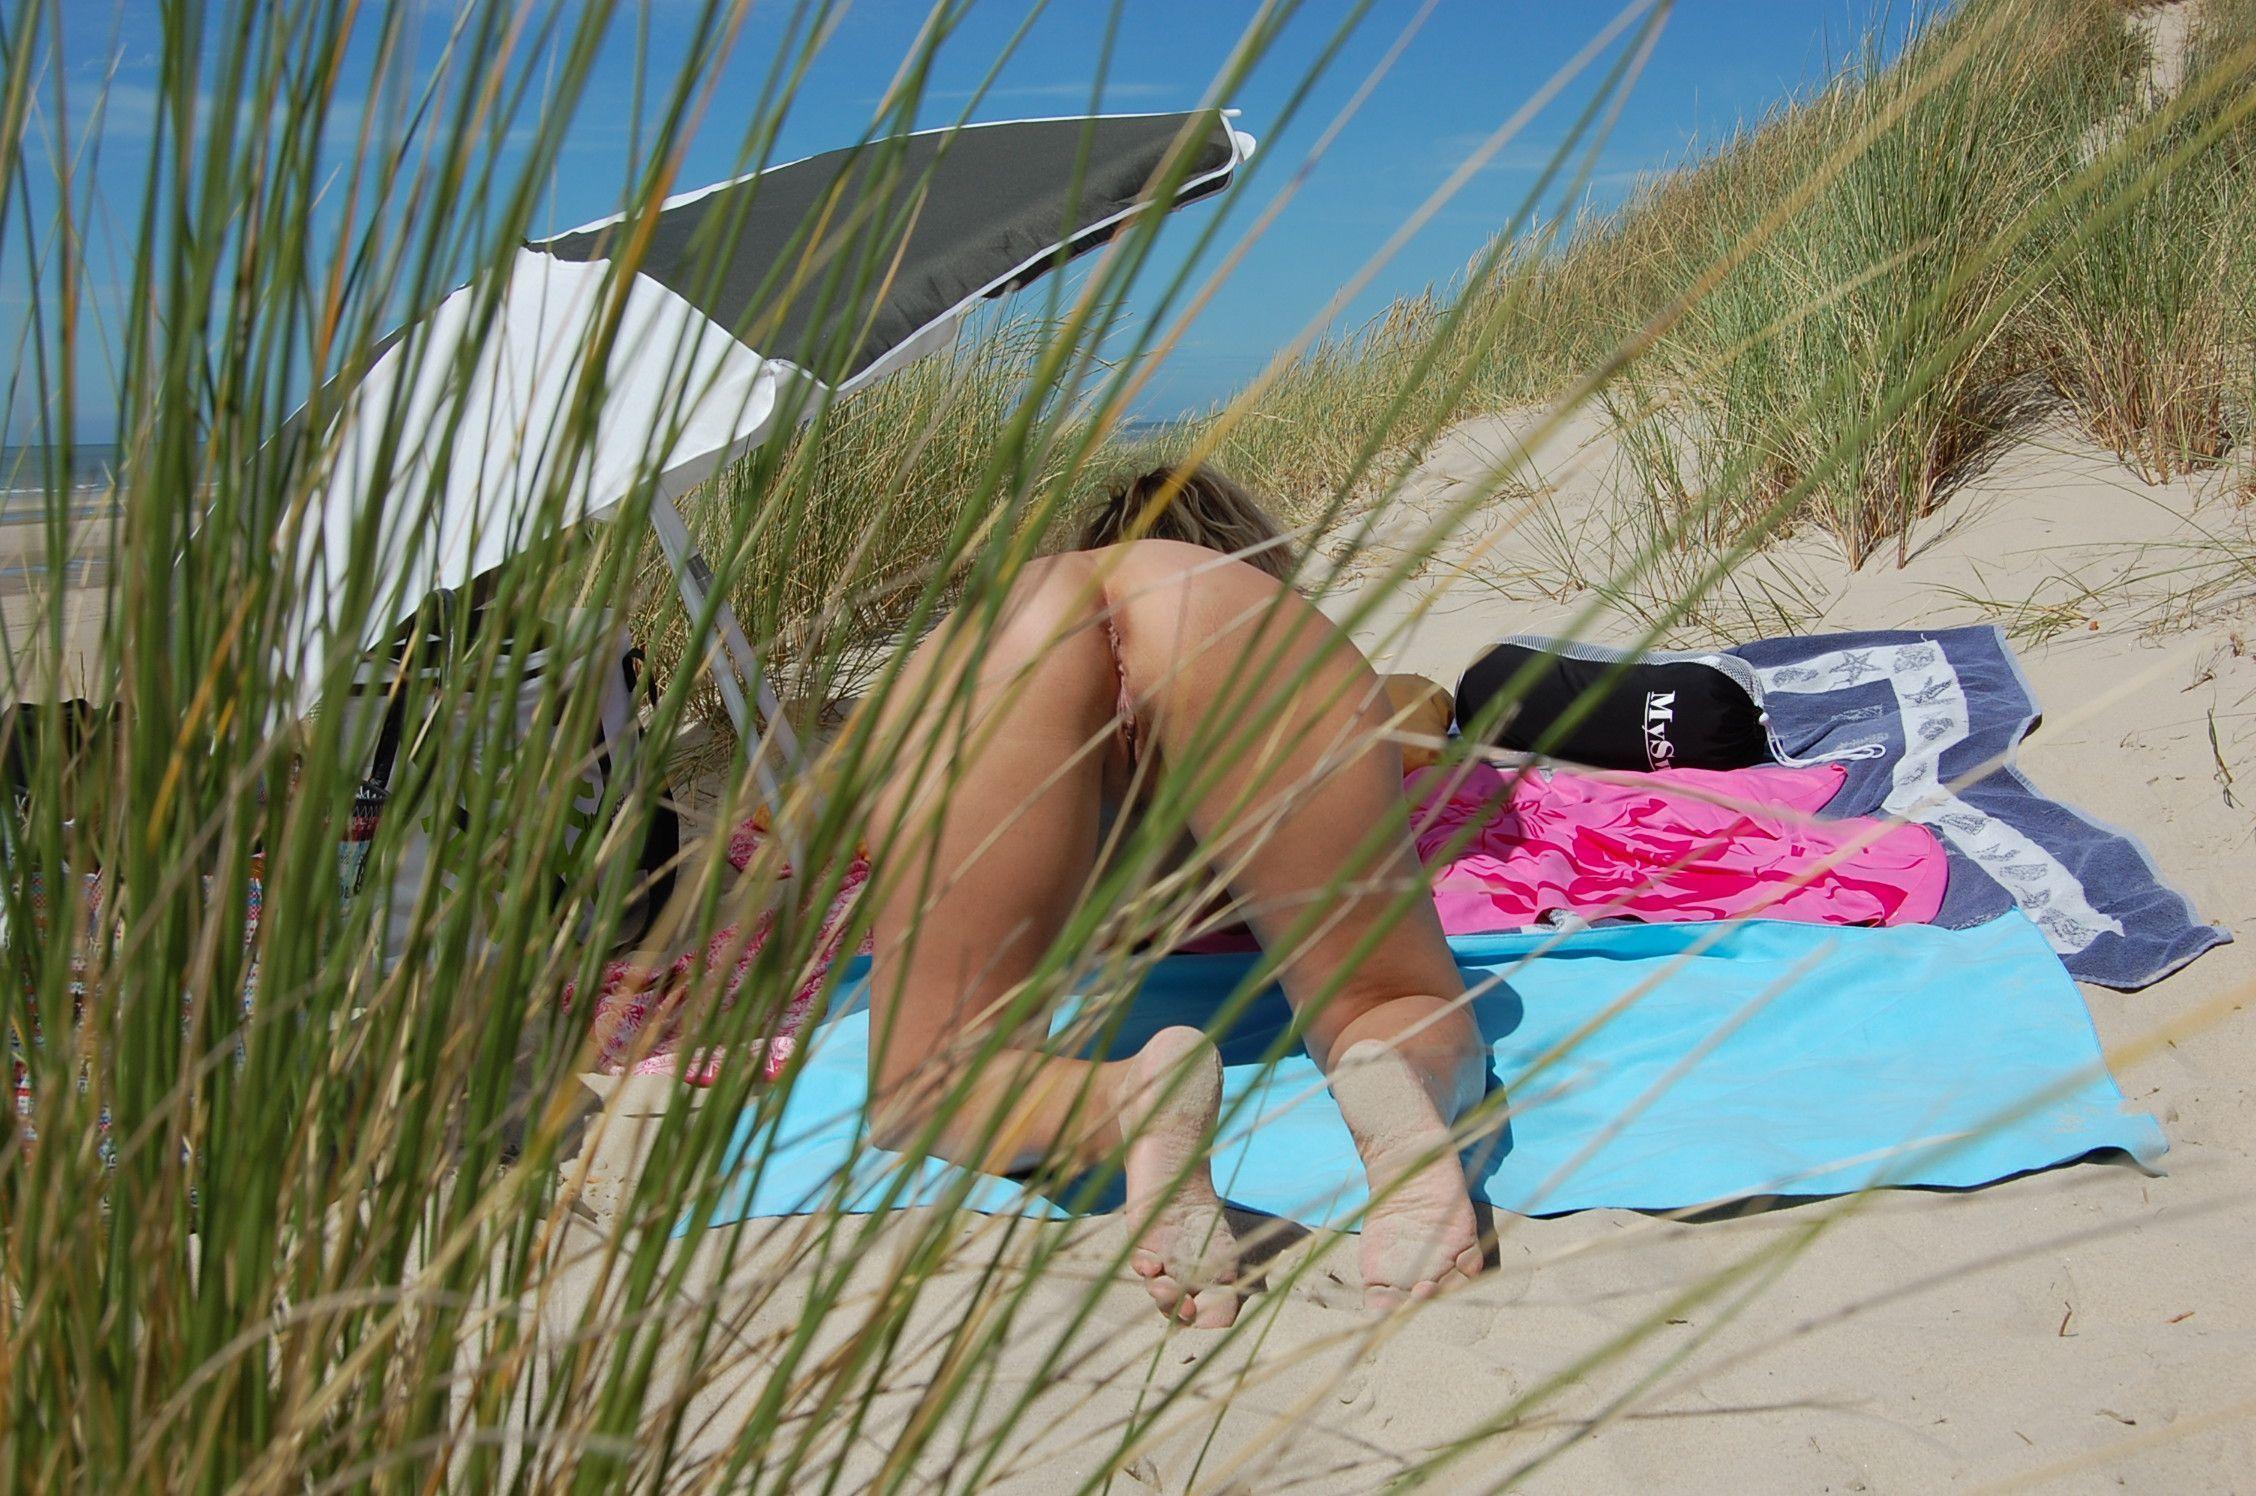 Фото нудисткие пляжи франции 9 фотография